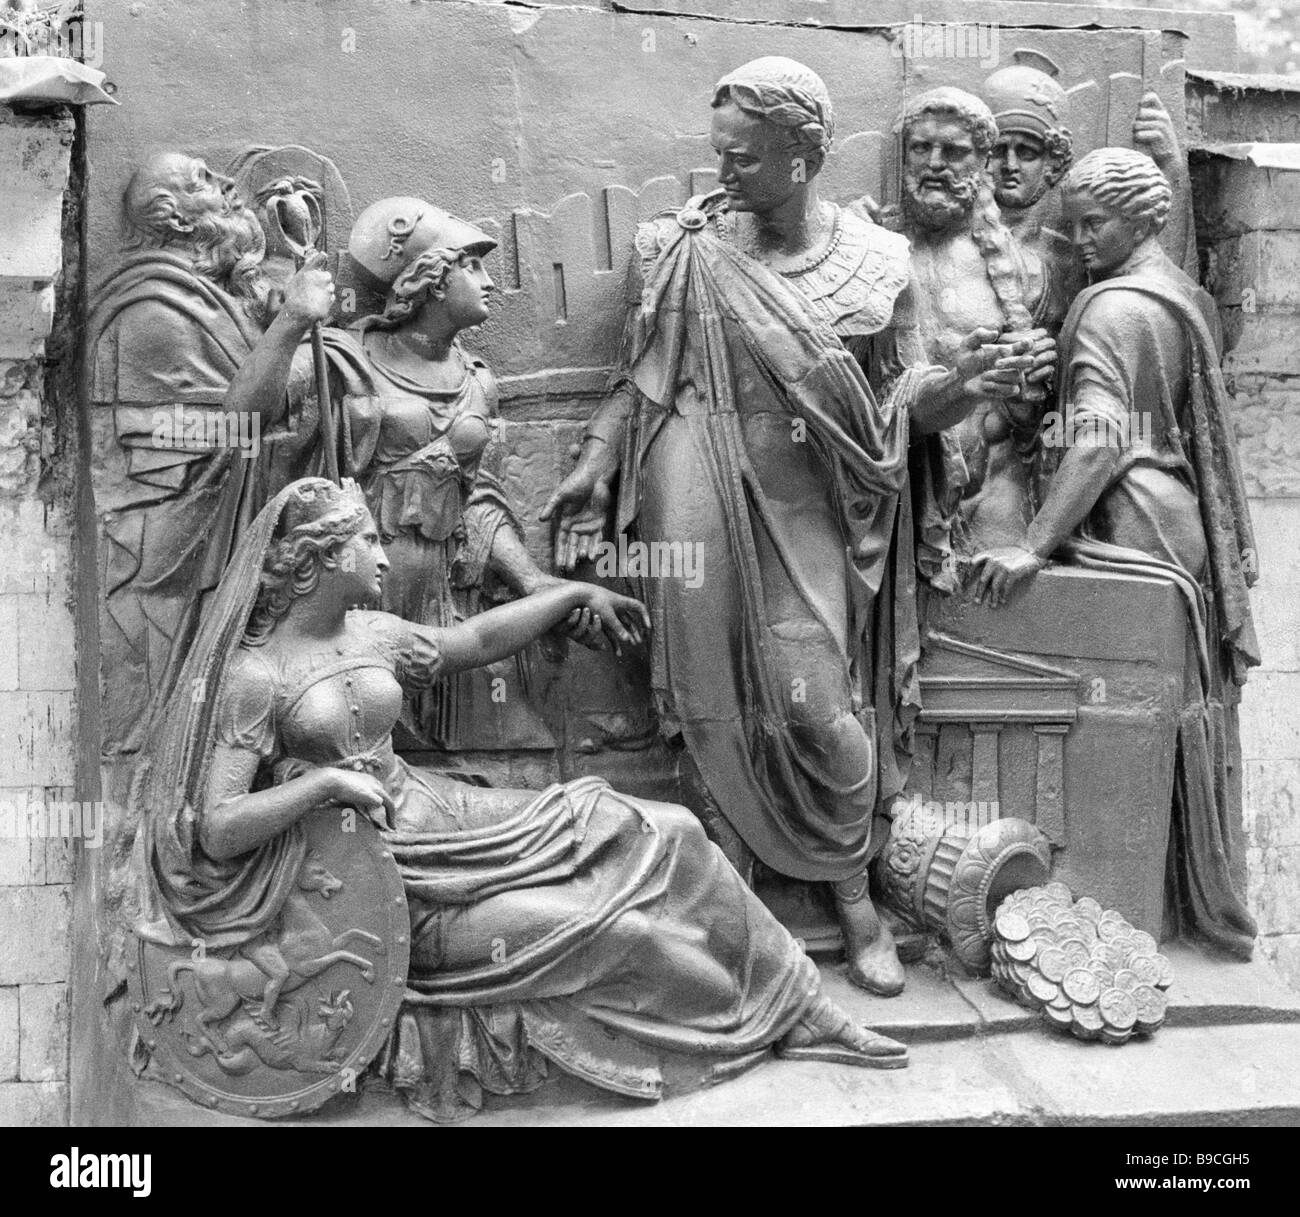 Dettagli scolpiti che ornavano l'Arco di Trionfo nel 1827 1936 sul display a Alexei Shchusev Museo di Architettura Immagini Stock